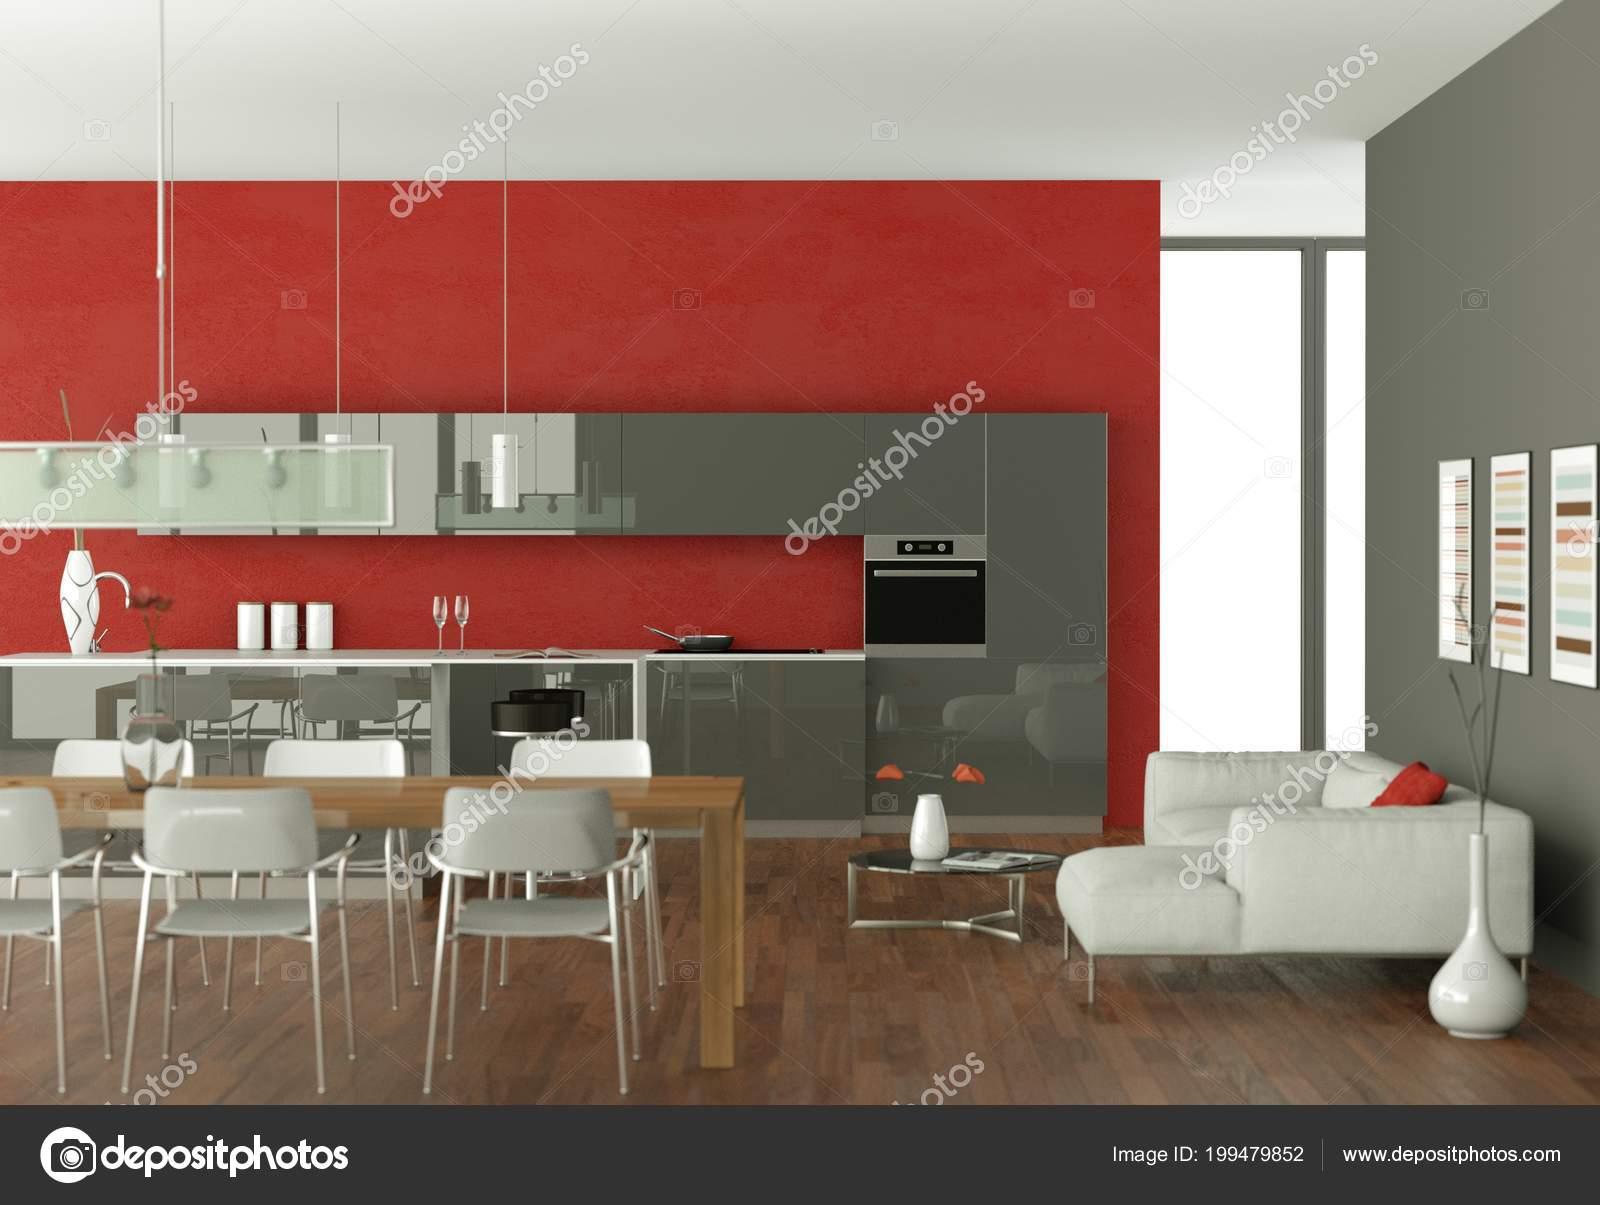 Cucina moderna grigio con carta da parati rossa — Foto Stock ...